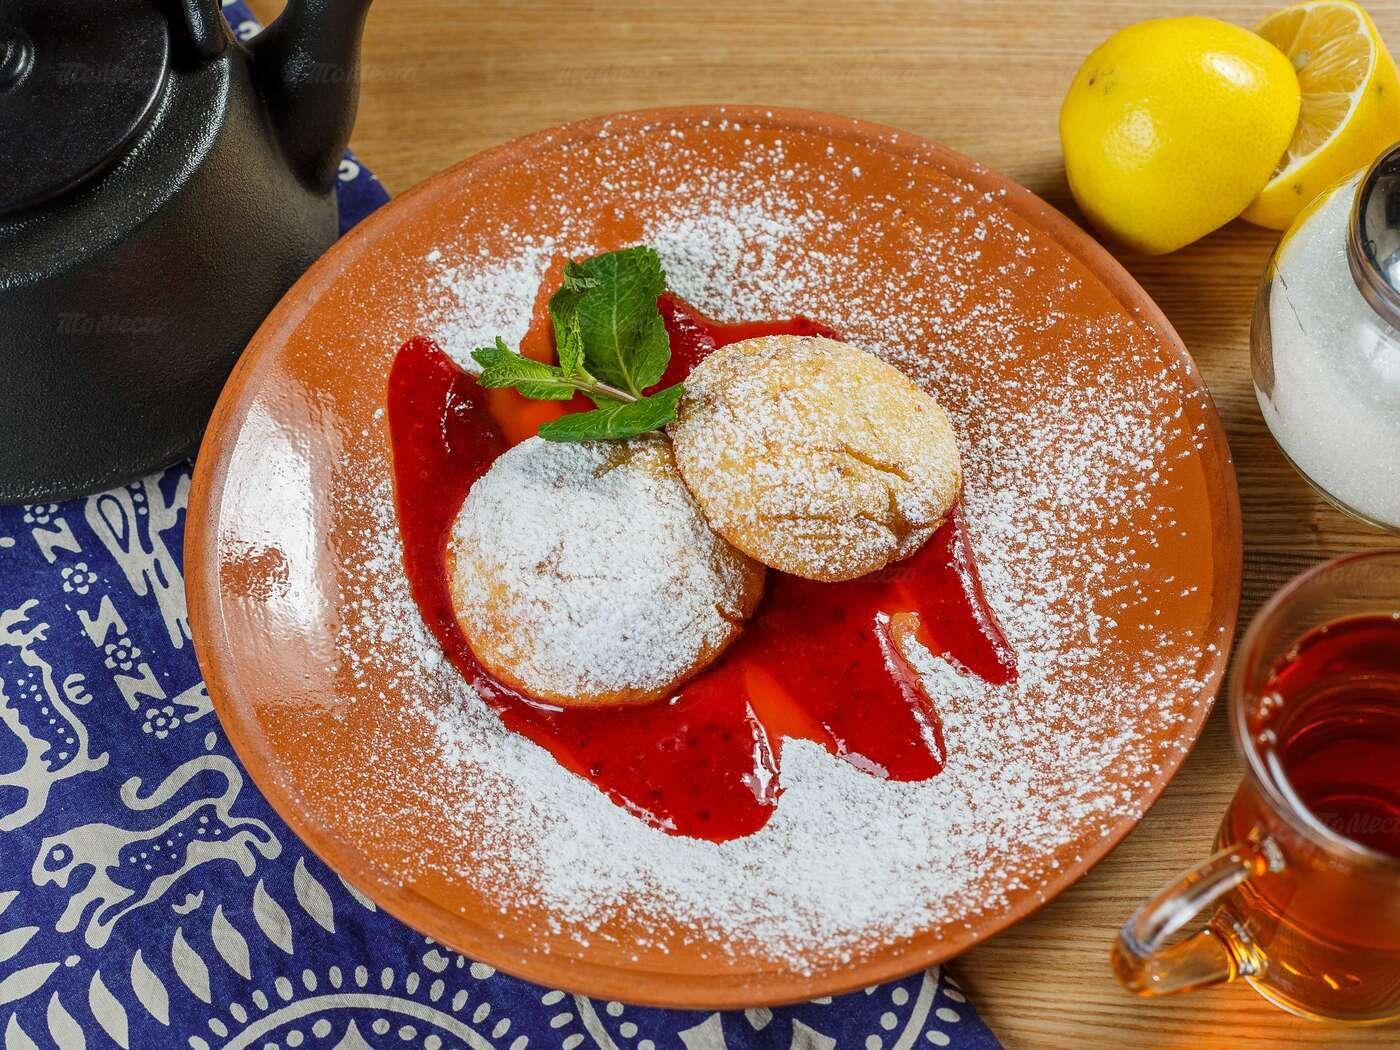 Меню кафе Хинкали & Хачапури на Димитрова фото 30